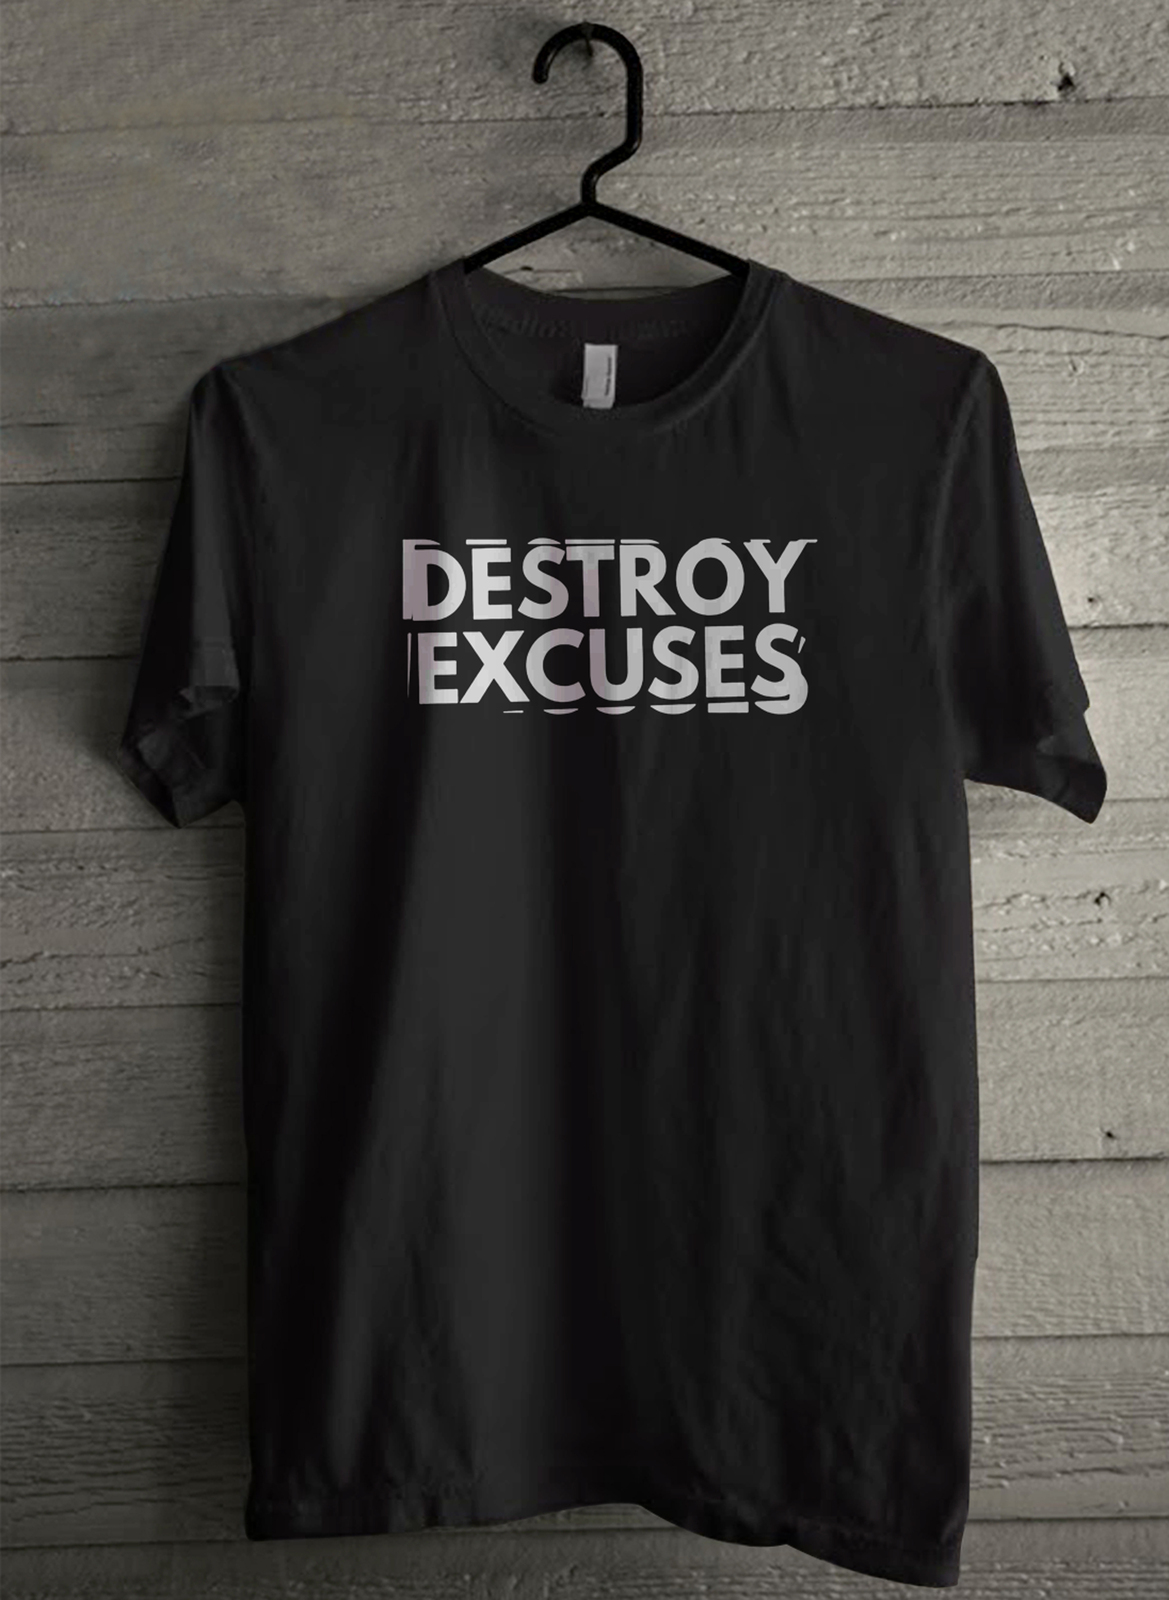 Destroy excuses